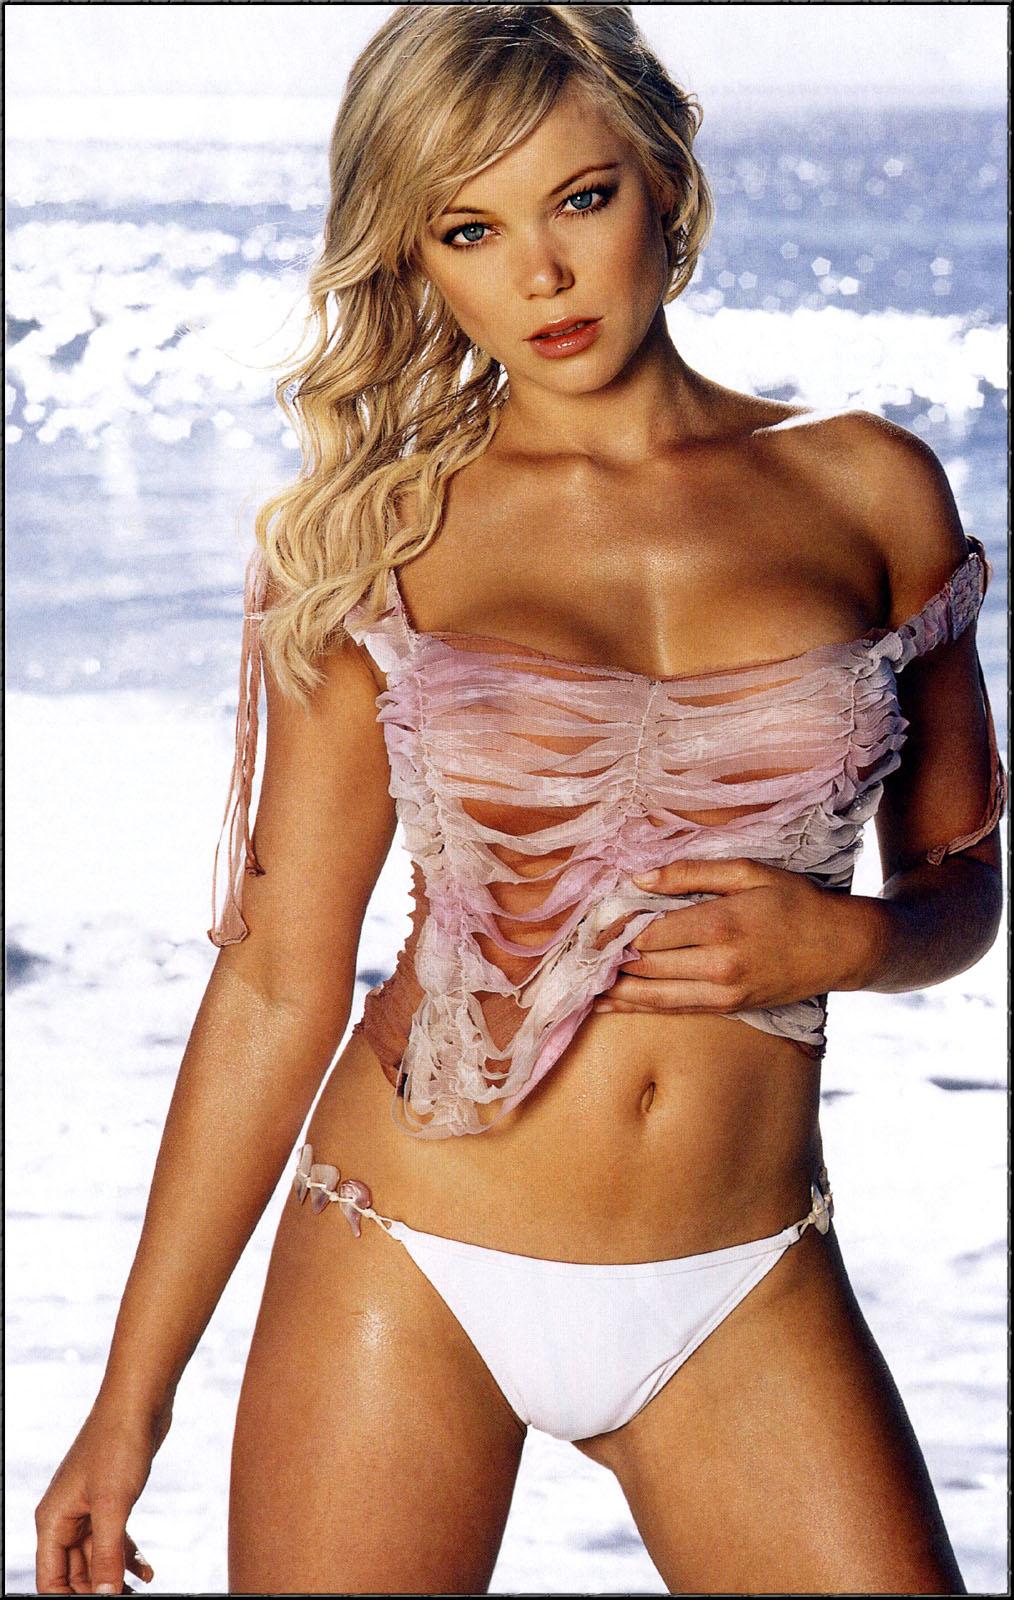 Holly brisley nude